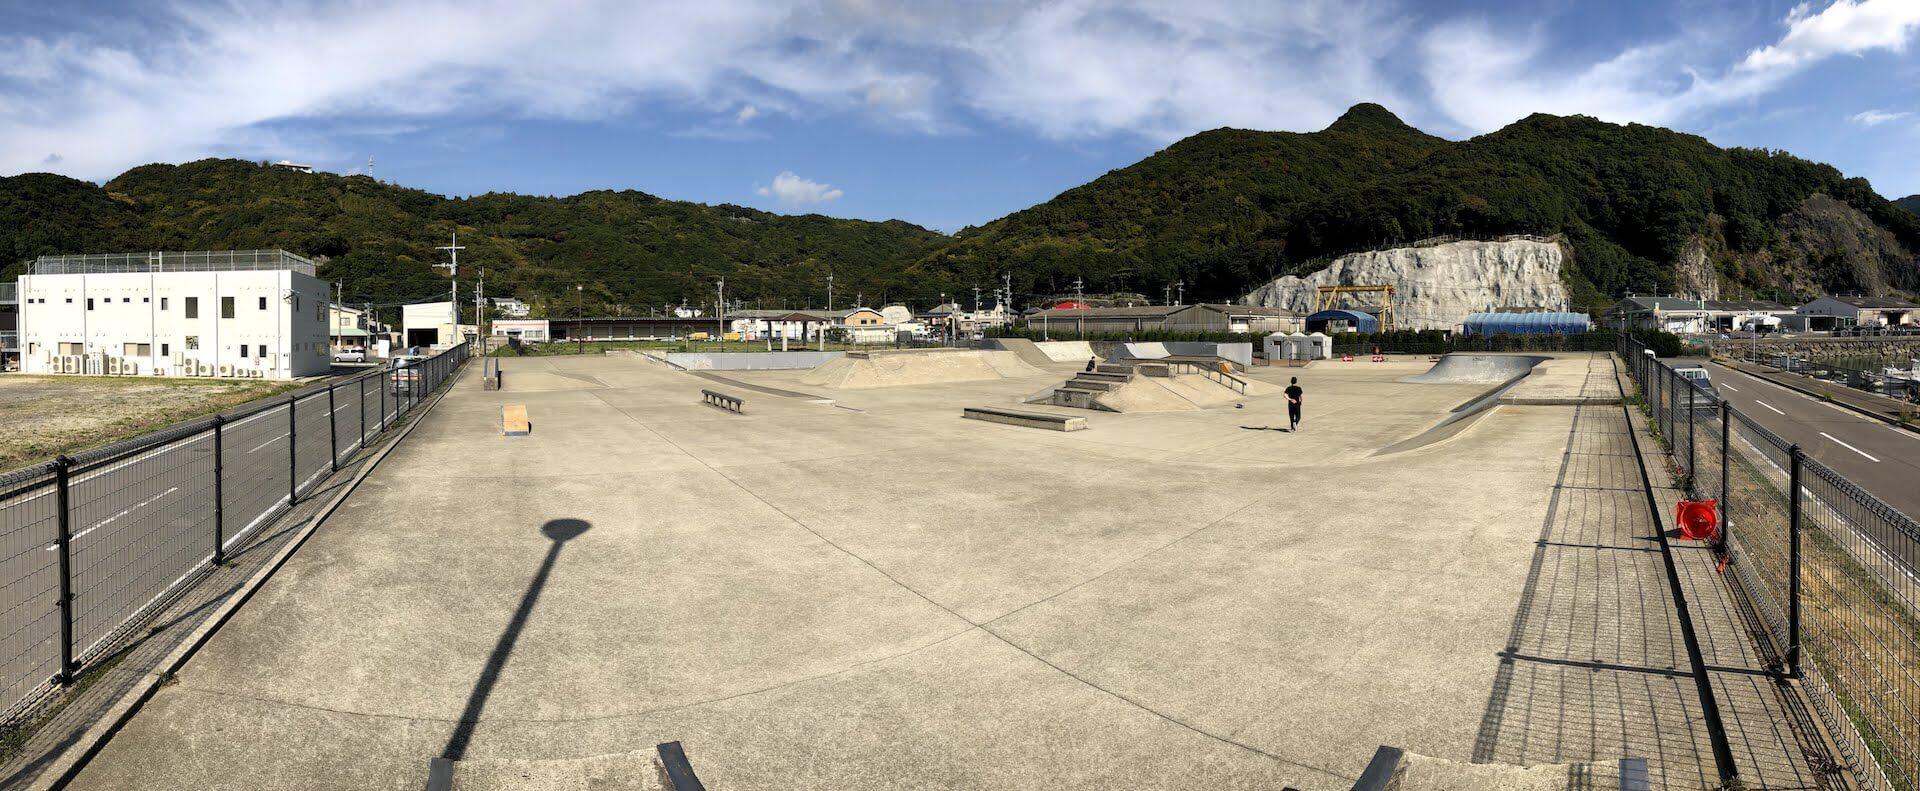 長崎小江スケートパーク全体の写真